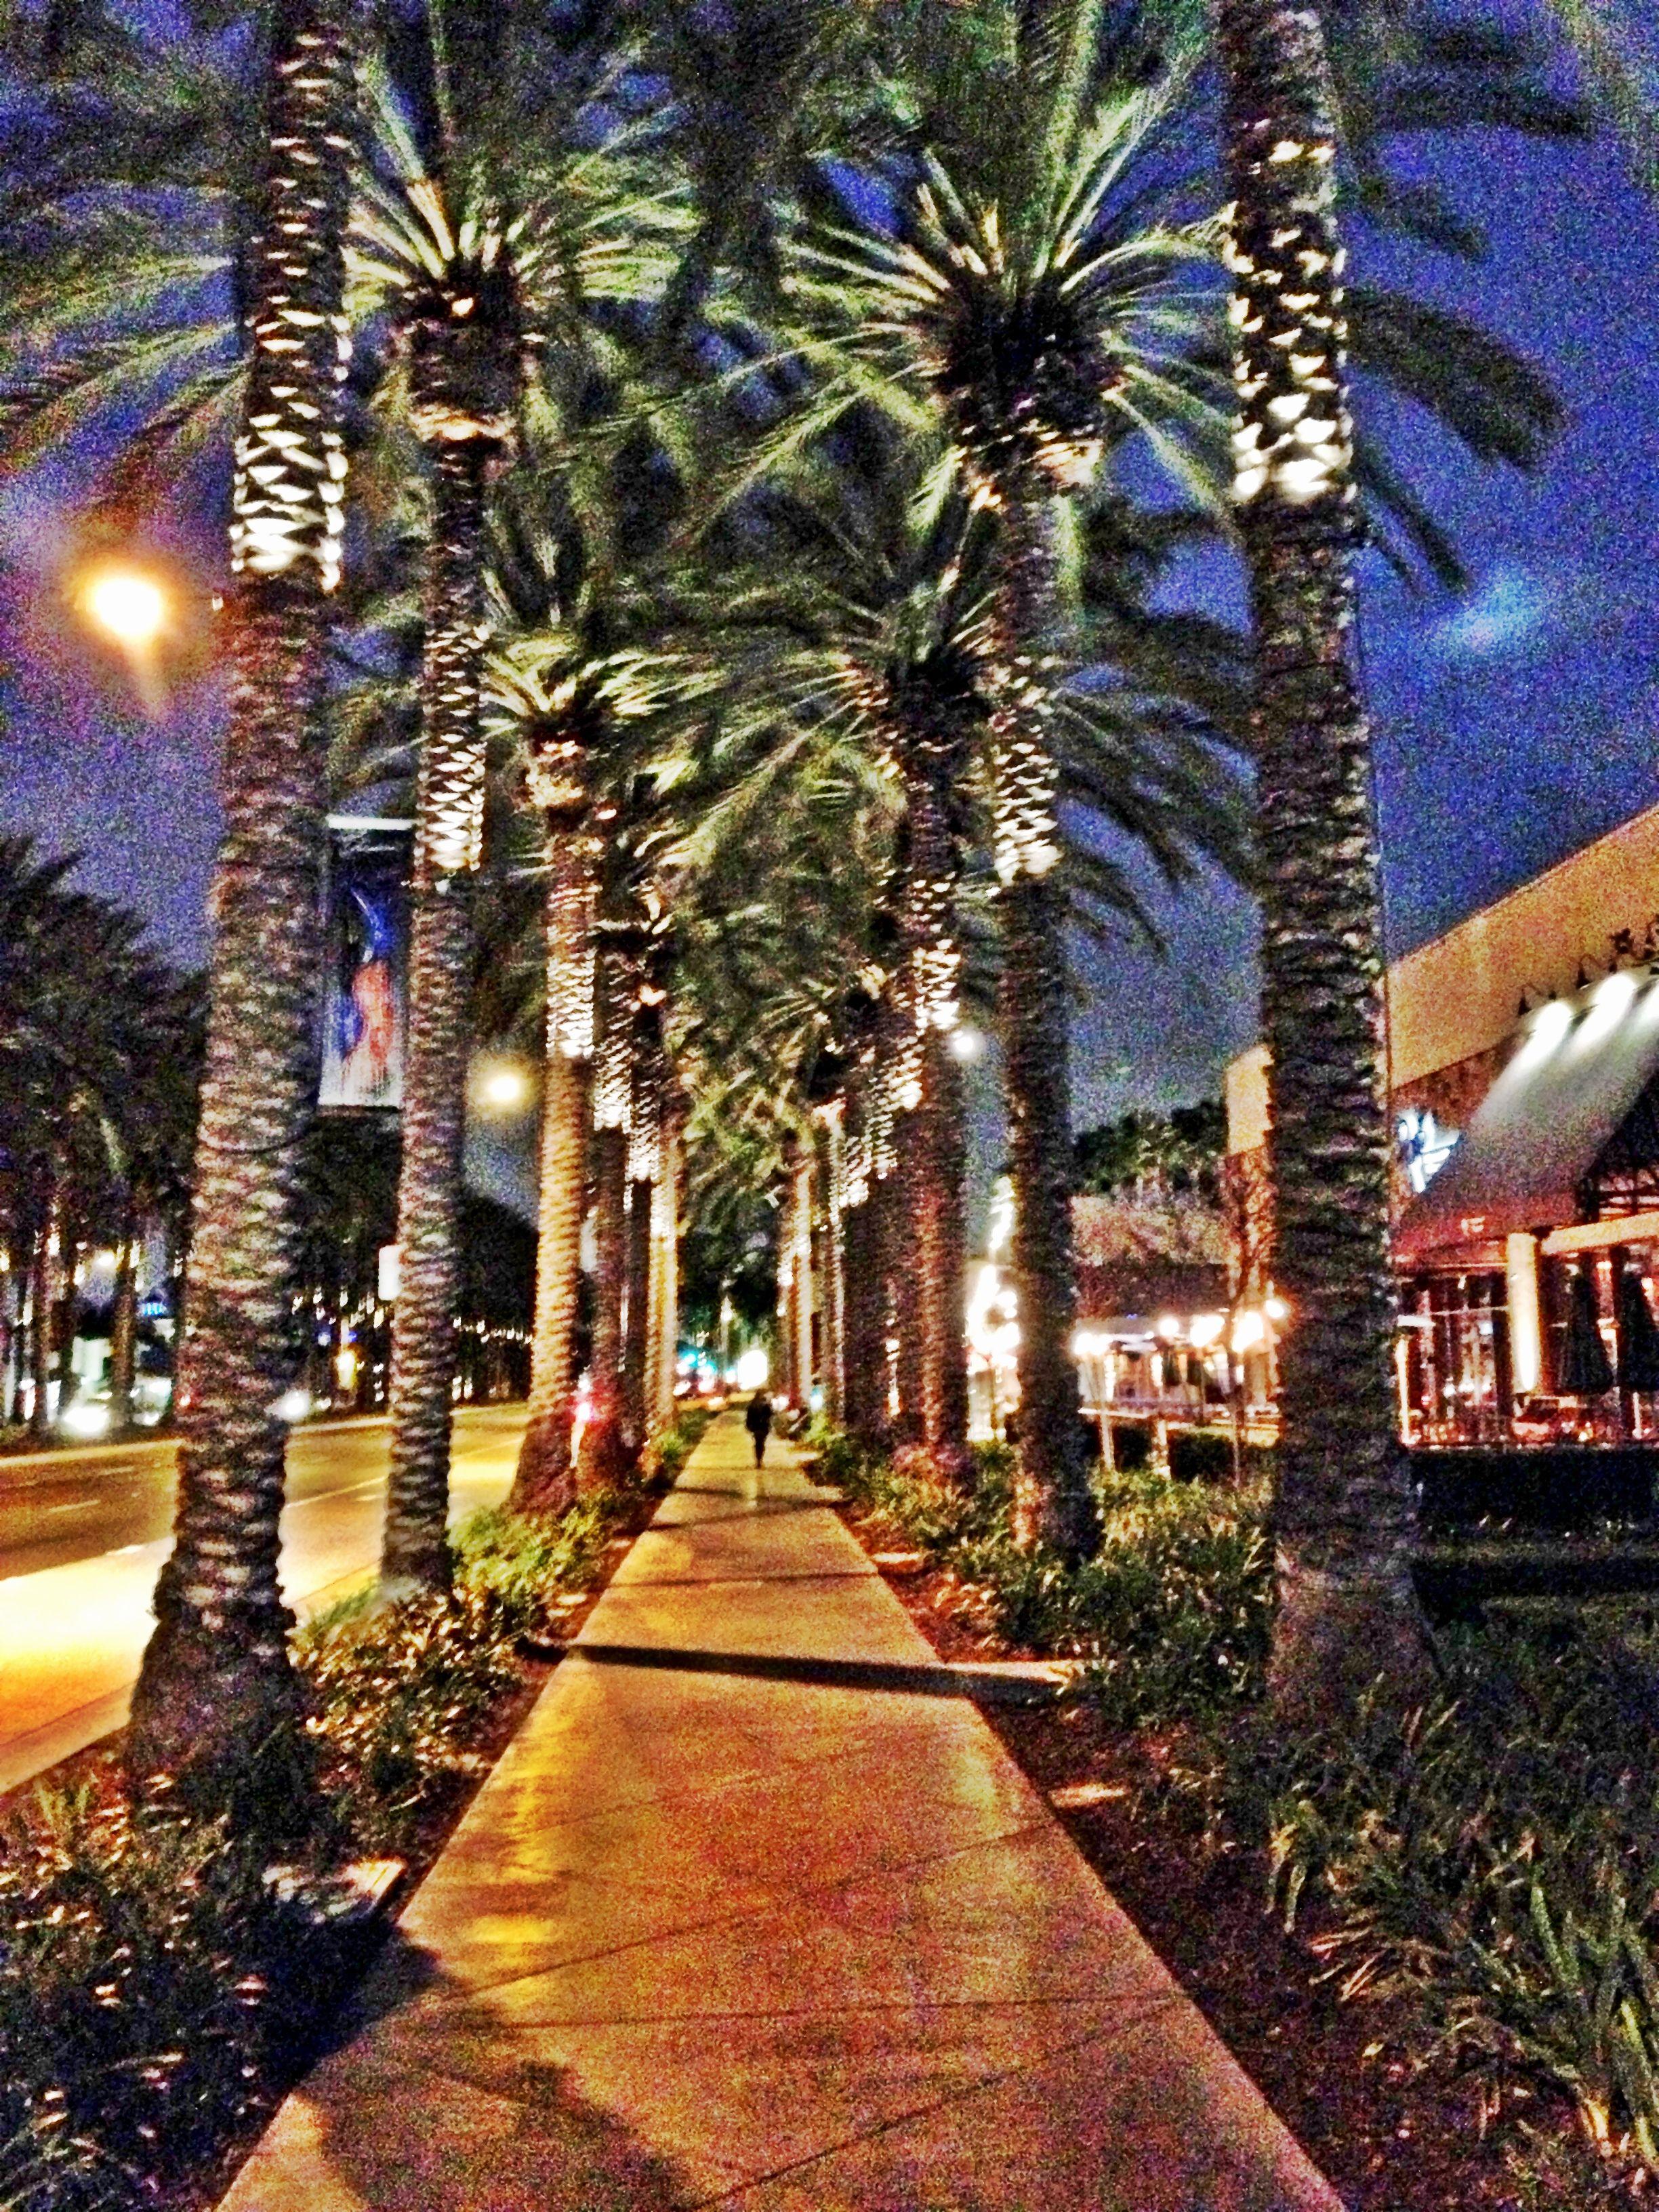 Restaurants In Garden Walk Anaheim: The Garden Walk - Anaheim